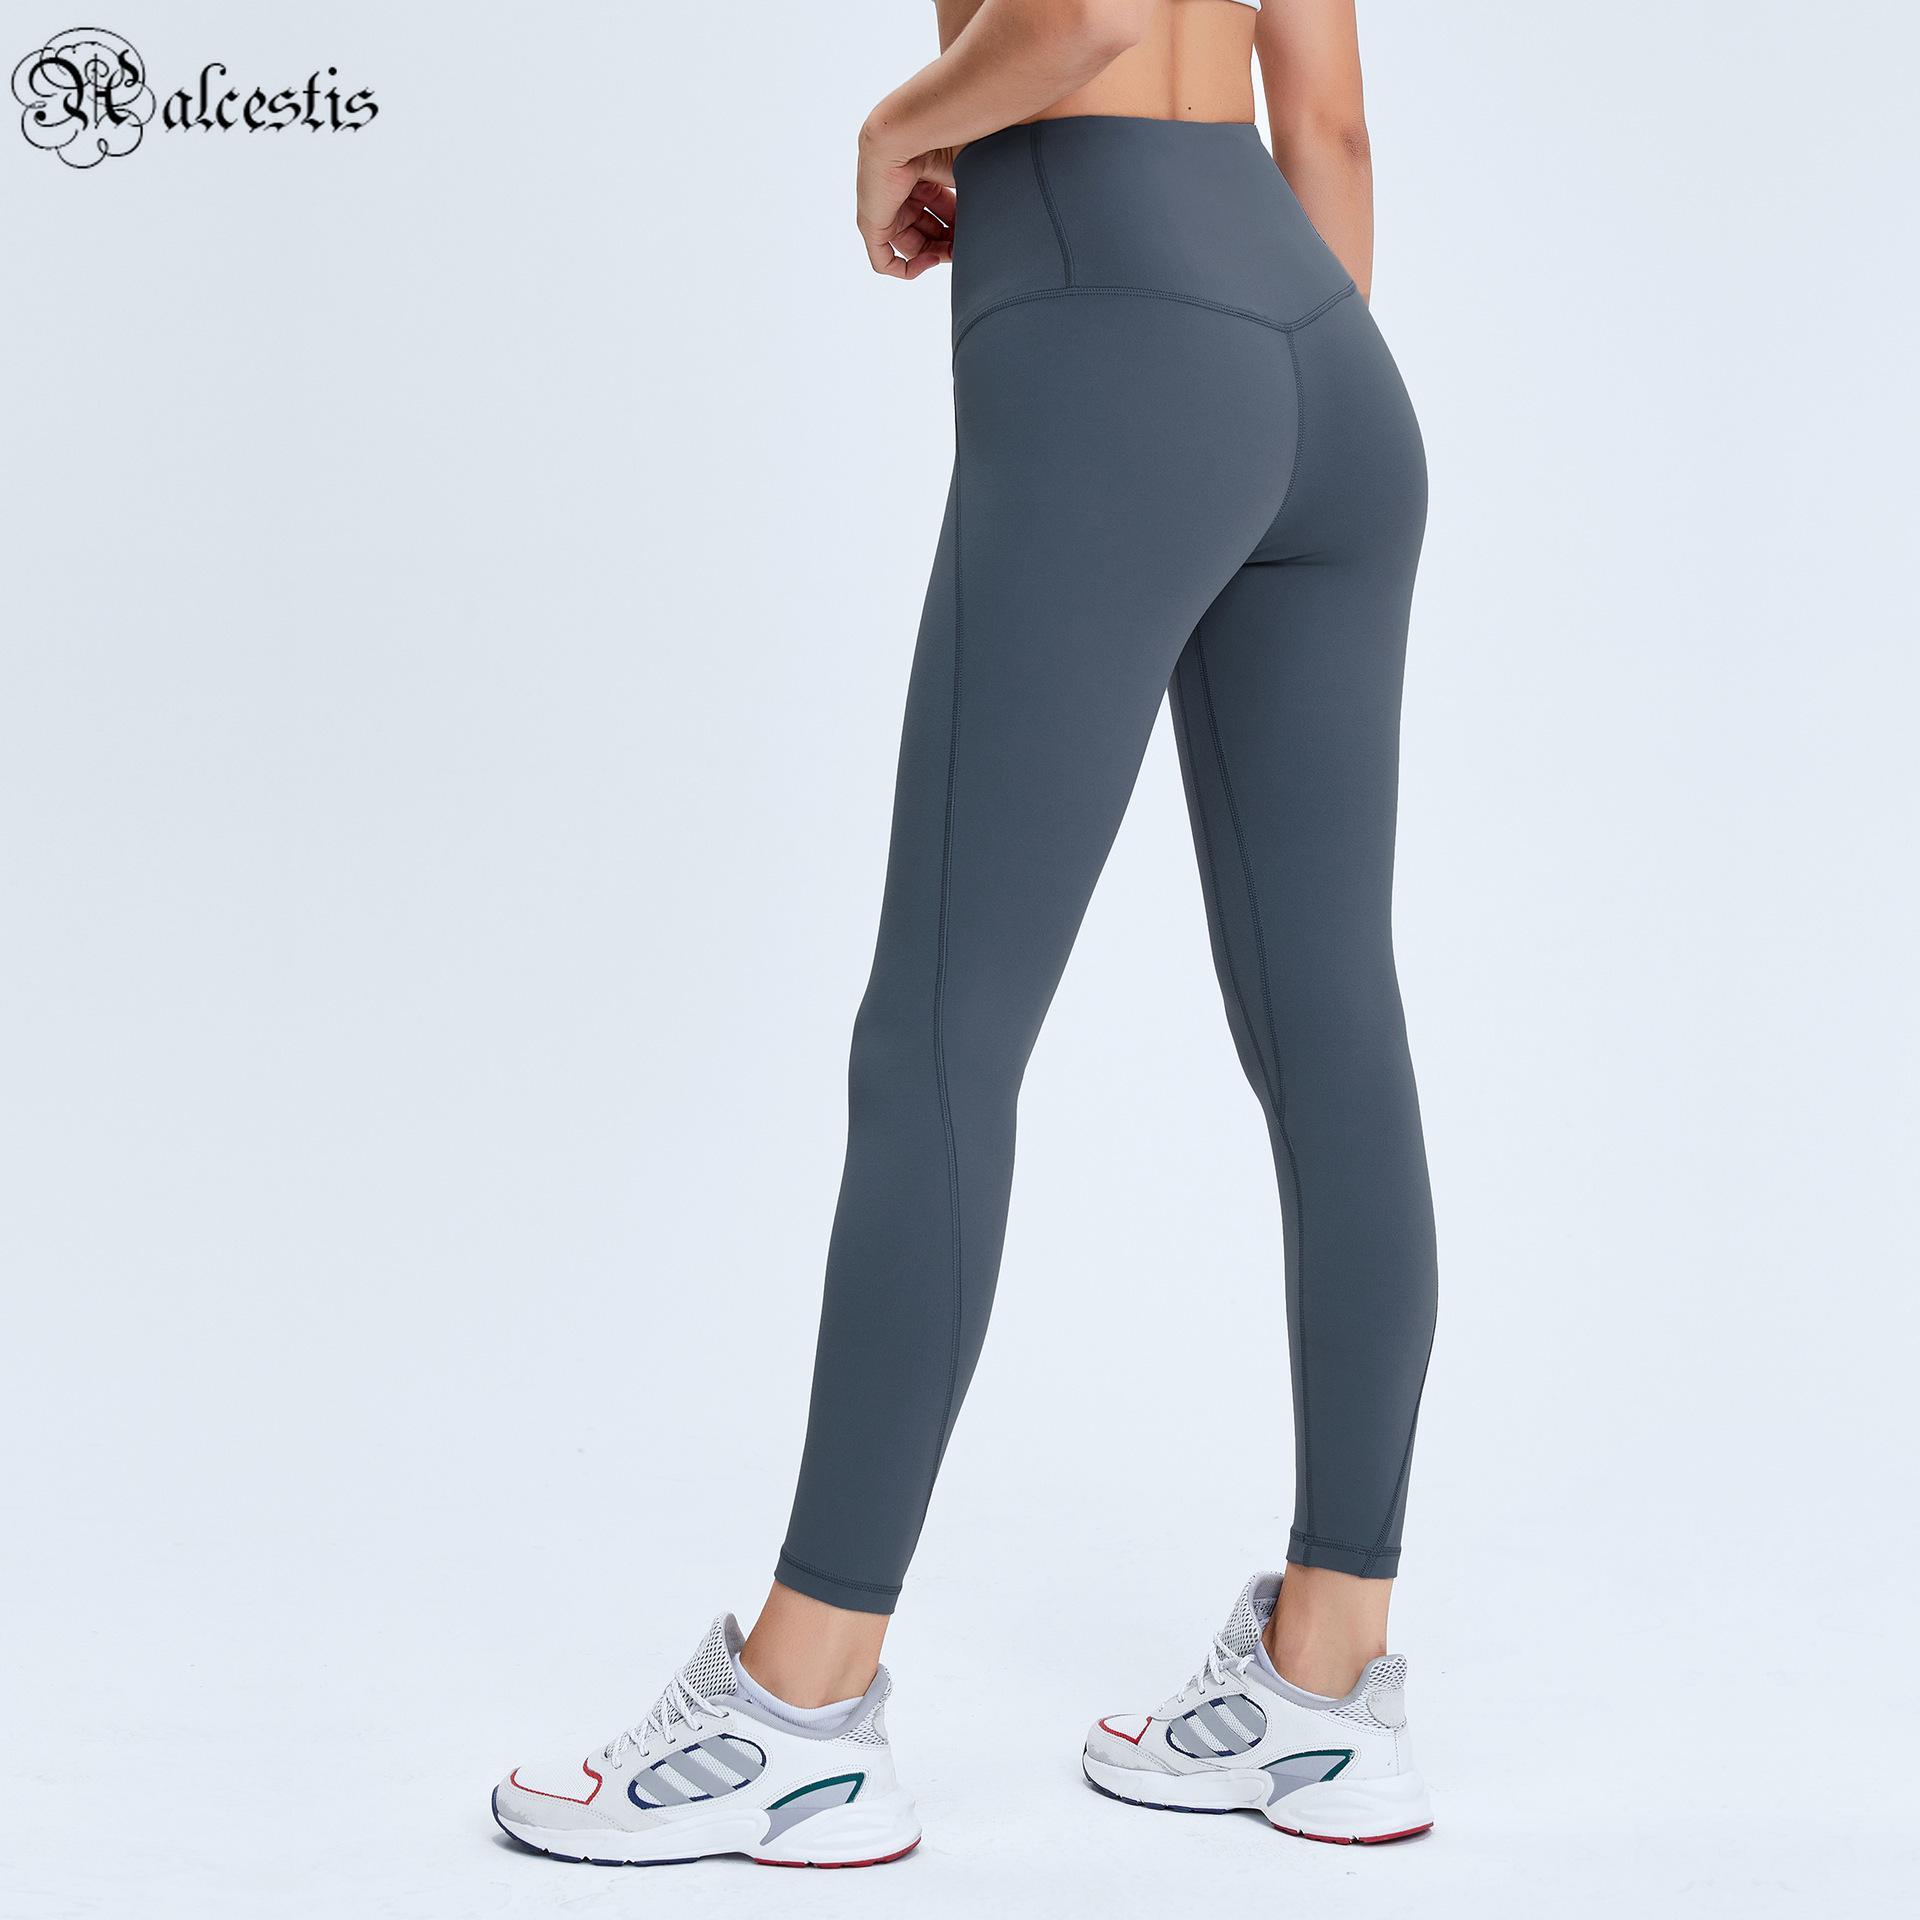 Novos produtos Front-end front-end características i-line Costura de yoga calças dupla face nuded Stretch Slim-Fit fundos cortados